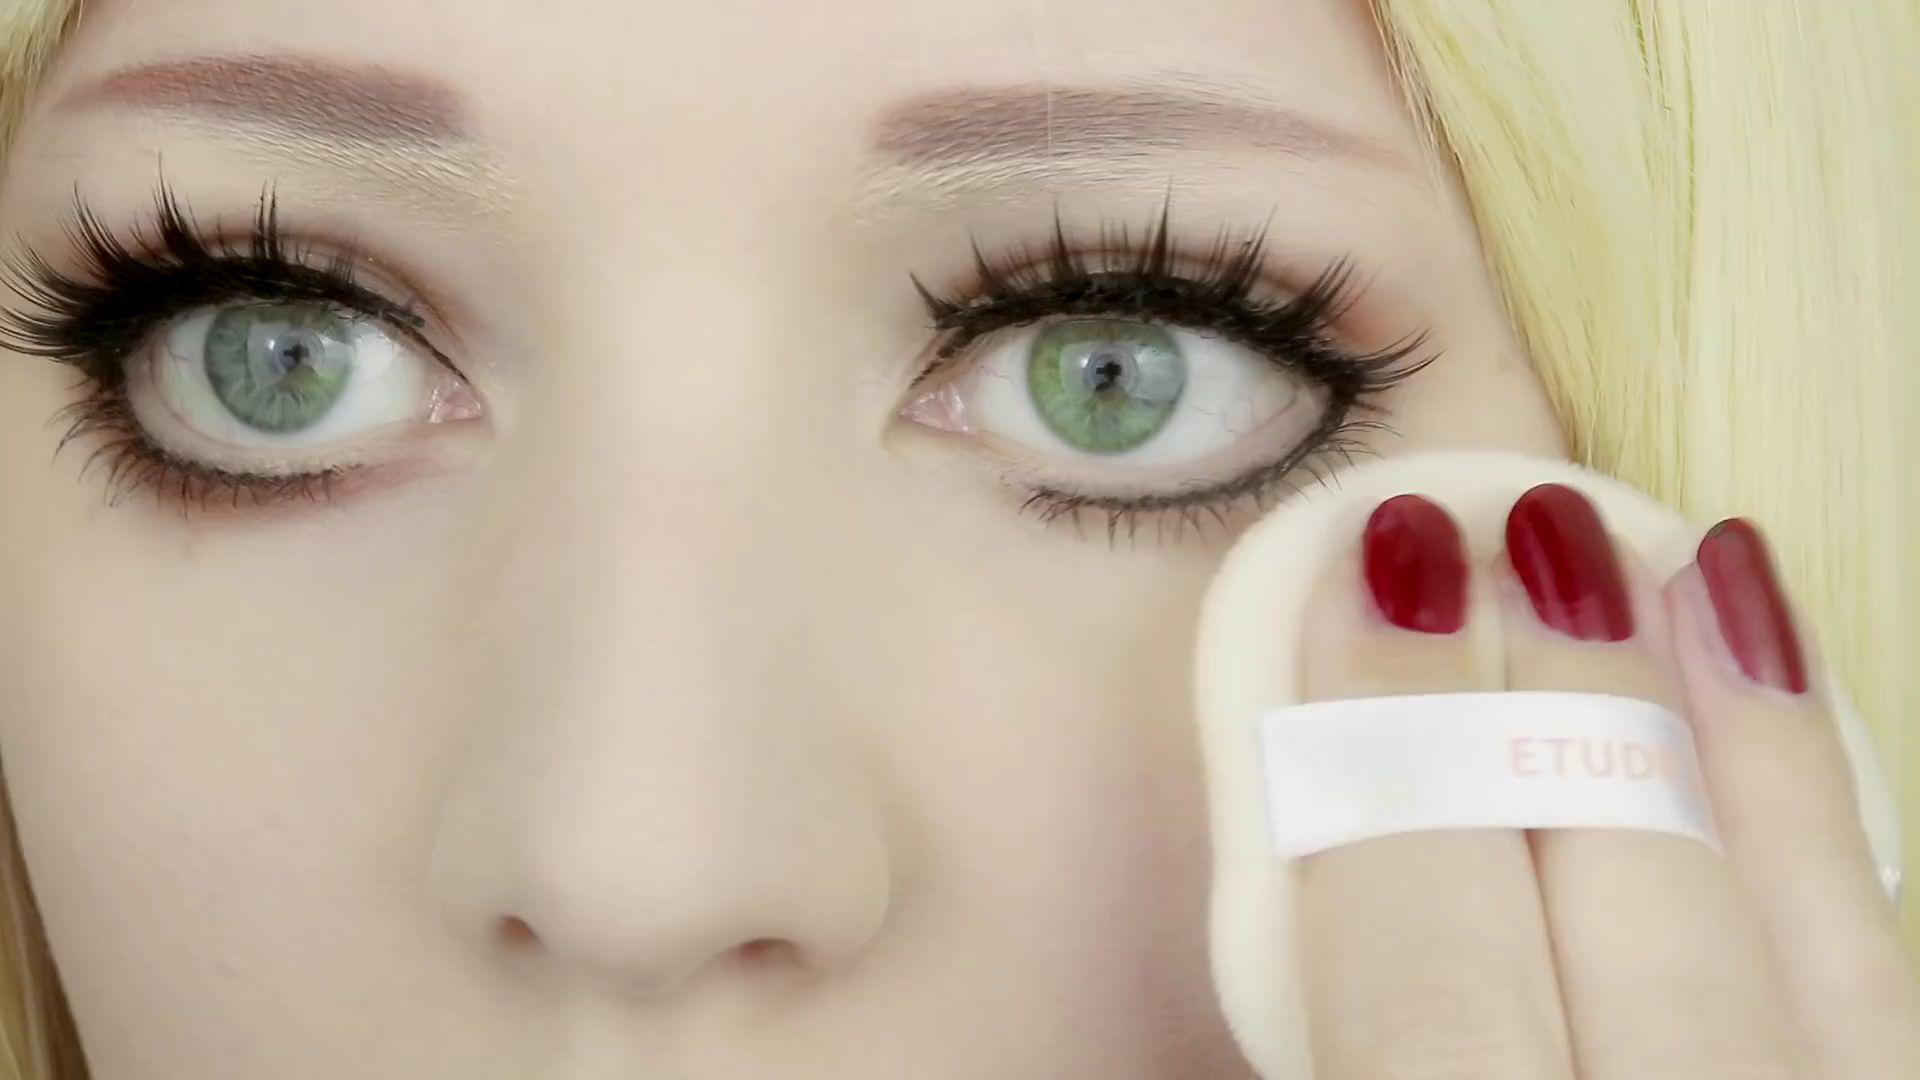 Misa Amane Cosplay DIY en 9 pasos: Haciendo uso de la borla aplica polvos compactos por el rostro